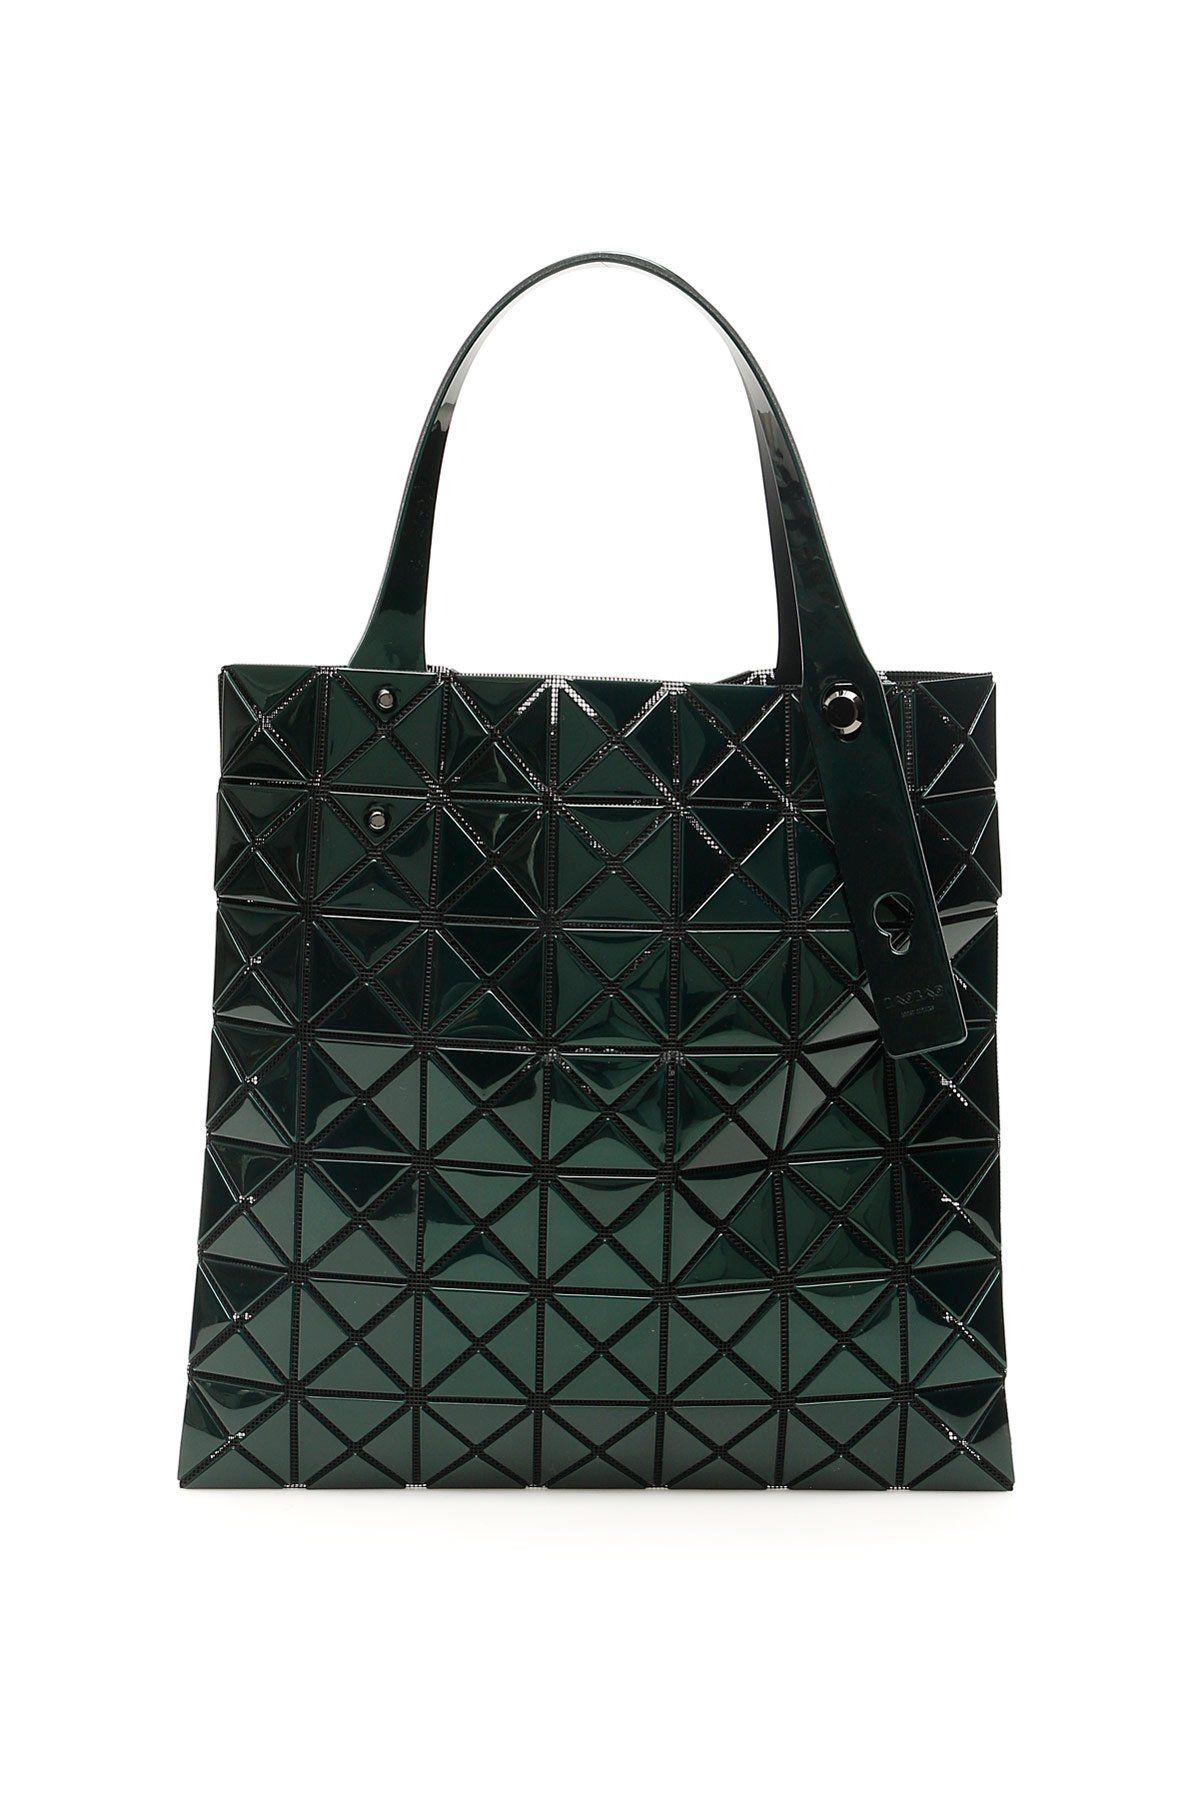 BAO BAO ISSEY MIYAKE BAO BAO ISSEY MIYAKE PRISM TOTE BAG bags bags